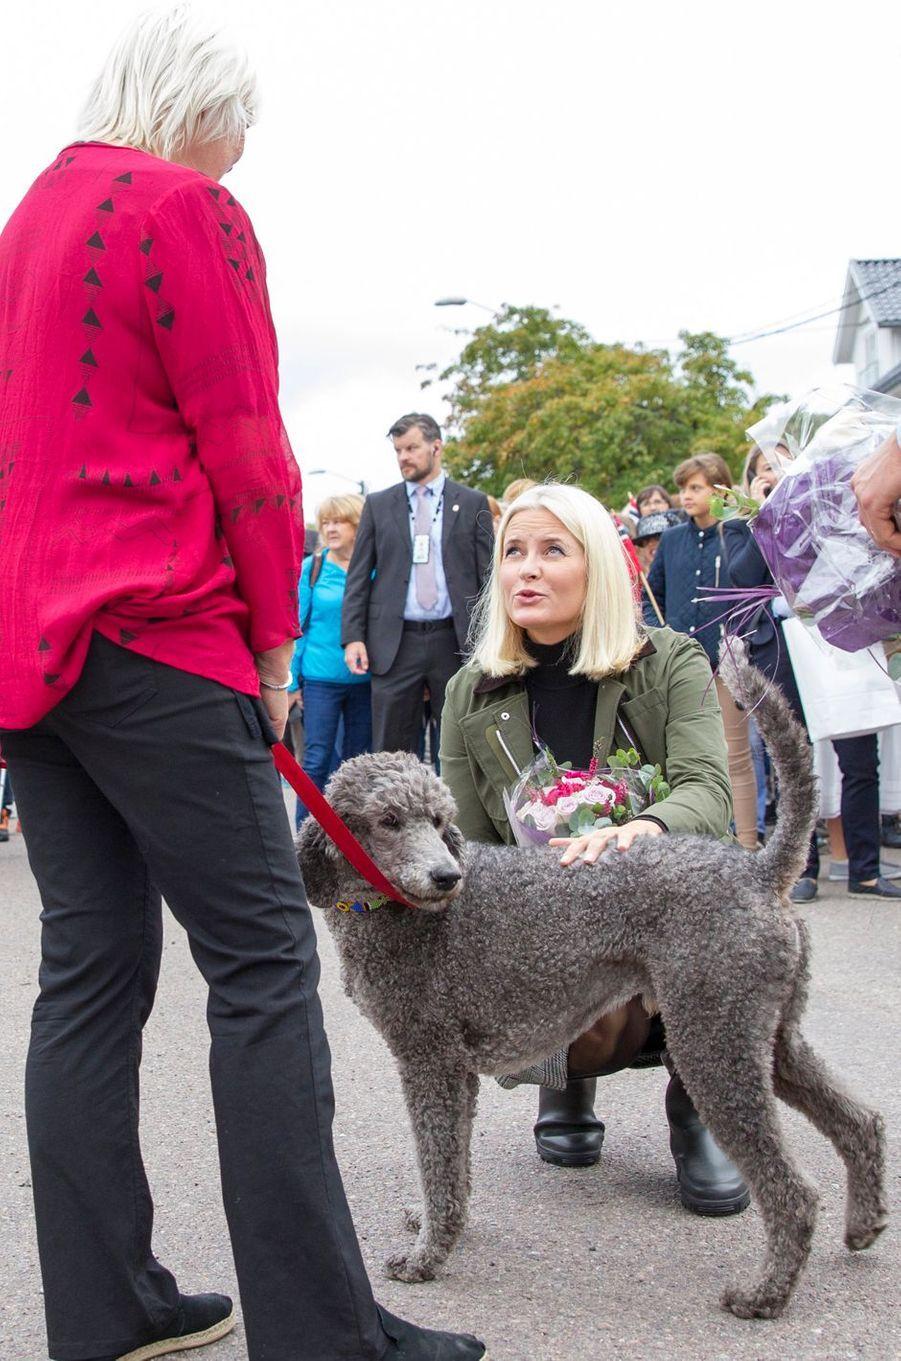 La princesse Mette-Marit de Norvège à Asgardstrand, le 5 septembre 2018